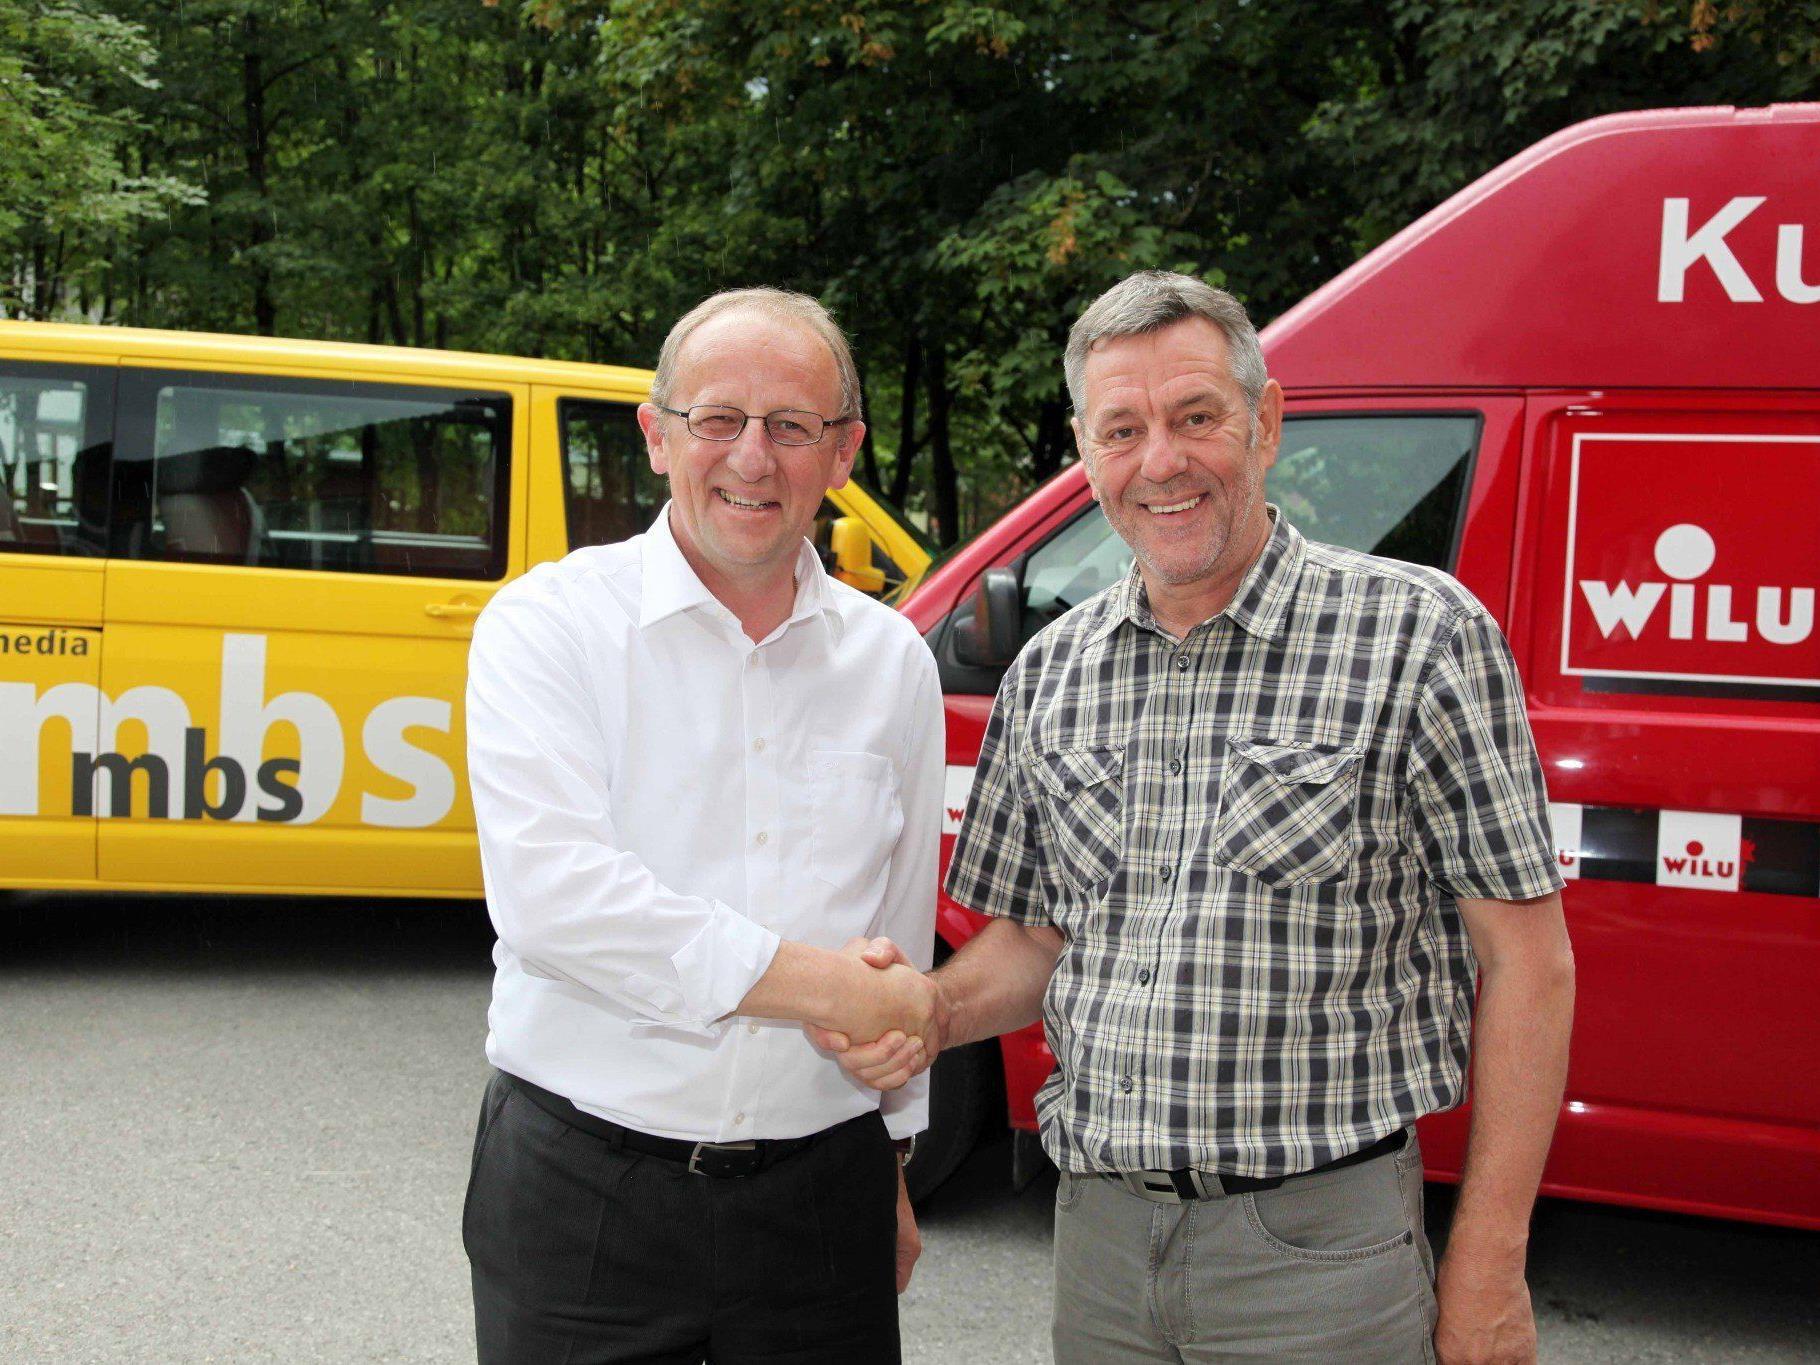 mbs-Vorstandsdirektor Bertram Luger (l.) und der bisherige WILU-Mehrheitseigner Peter Wieser (r.)